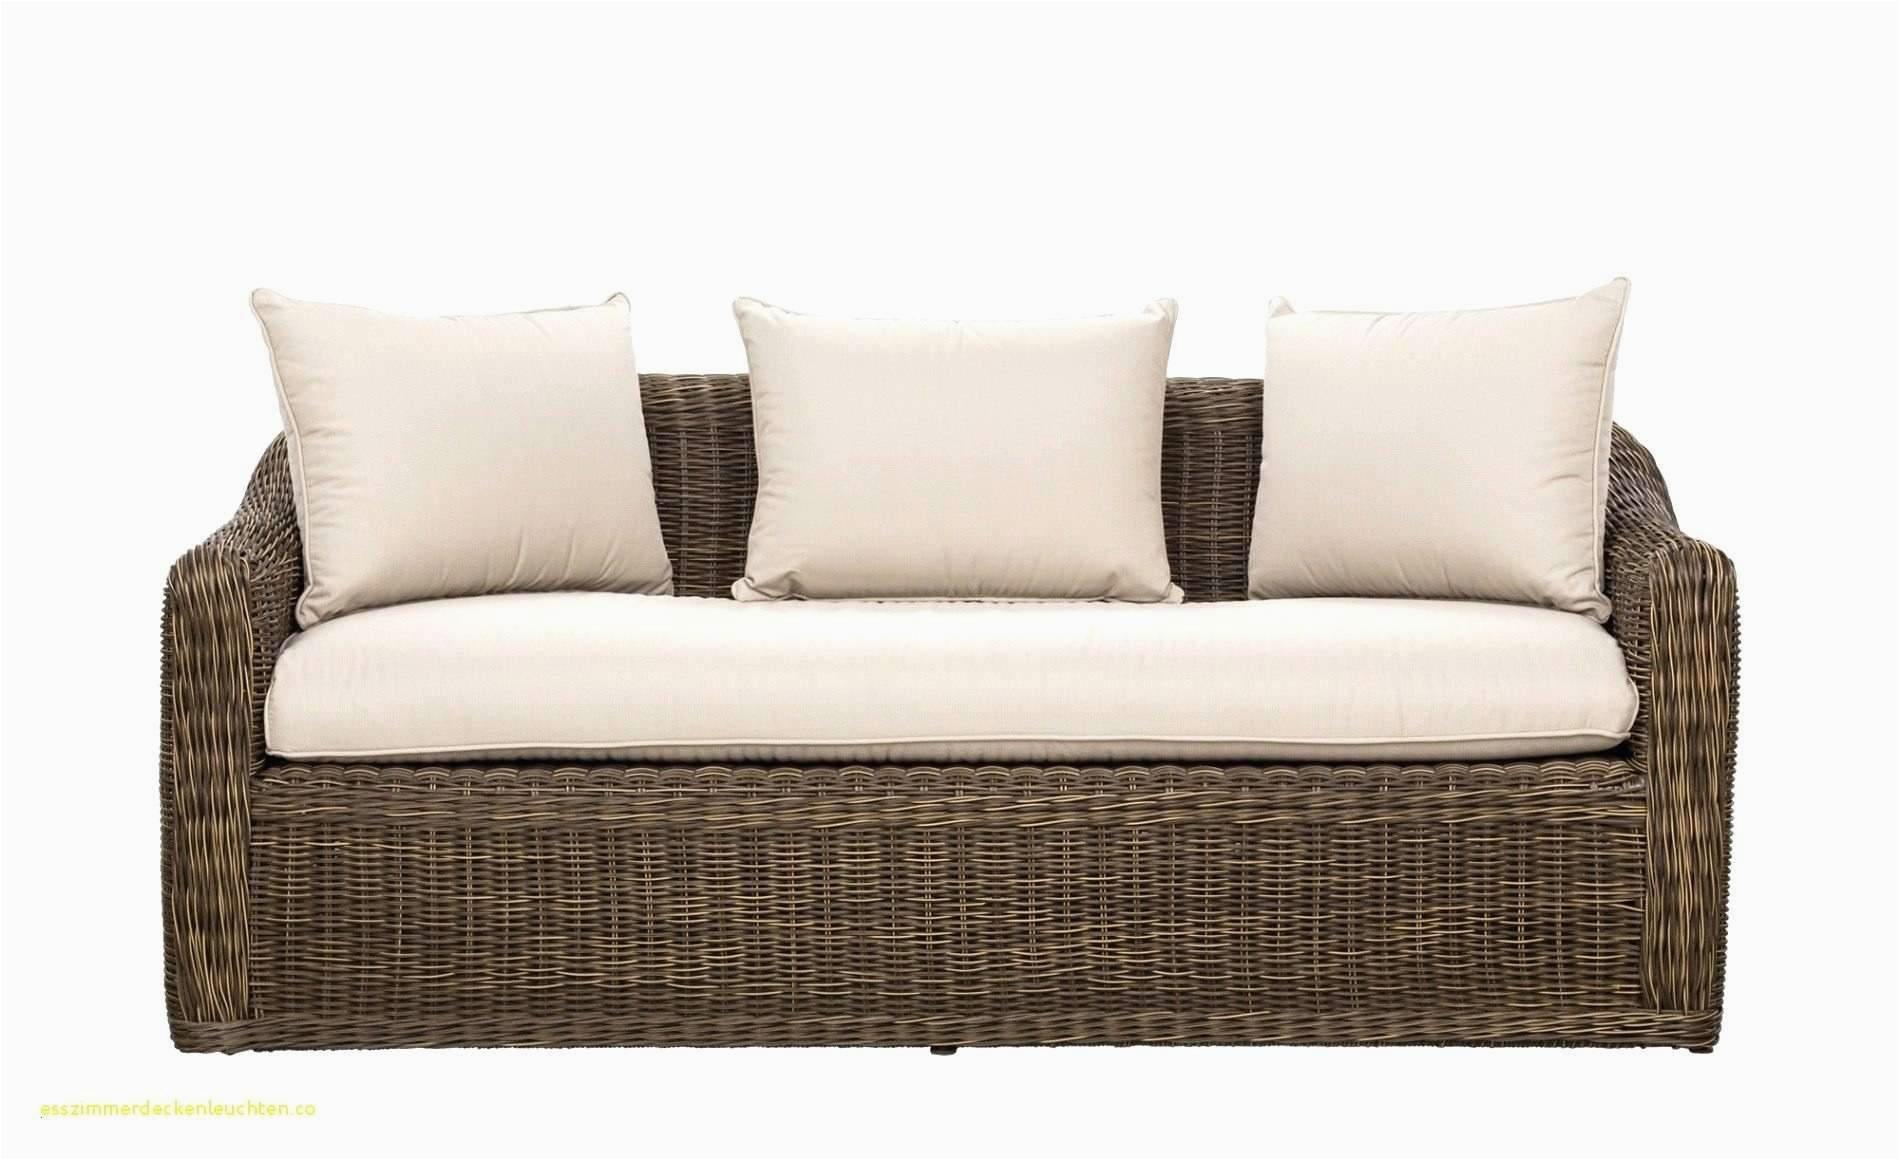 sessel wohnzimmer schon couch klein beste couch neu beziehen best sessel beziehen 0d of sessel wohnzimmer